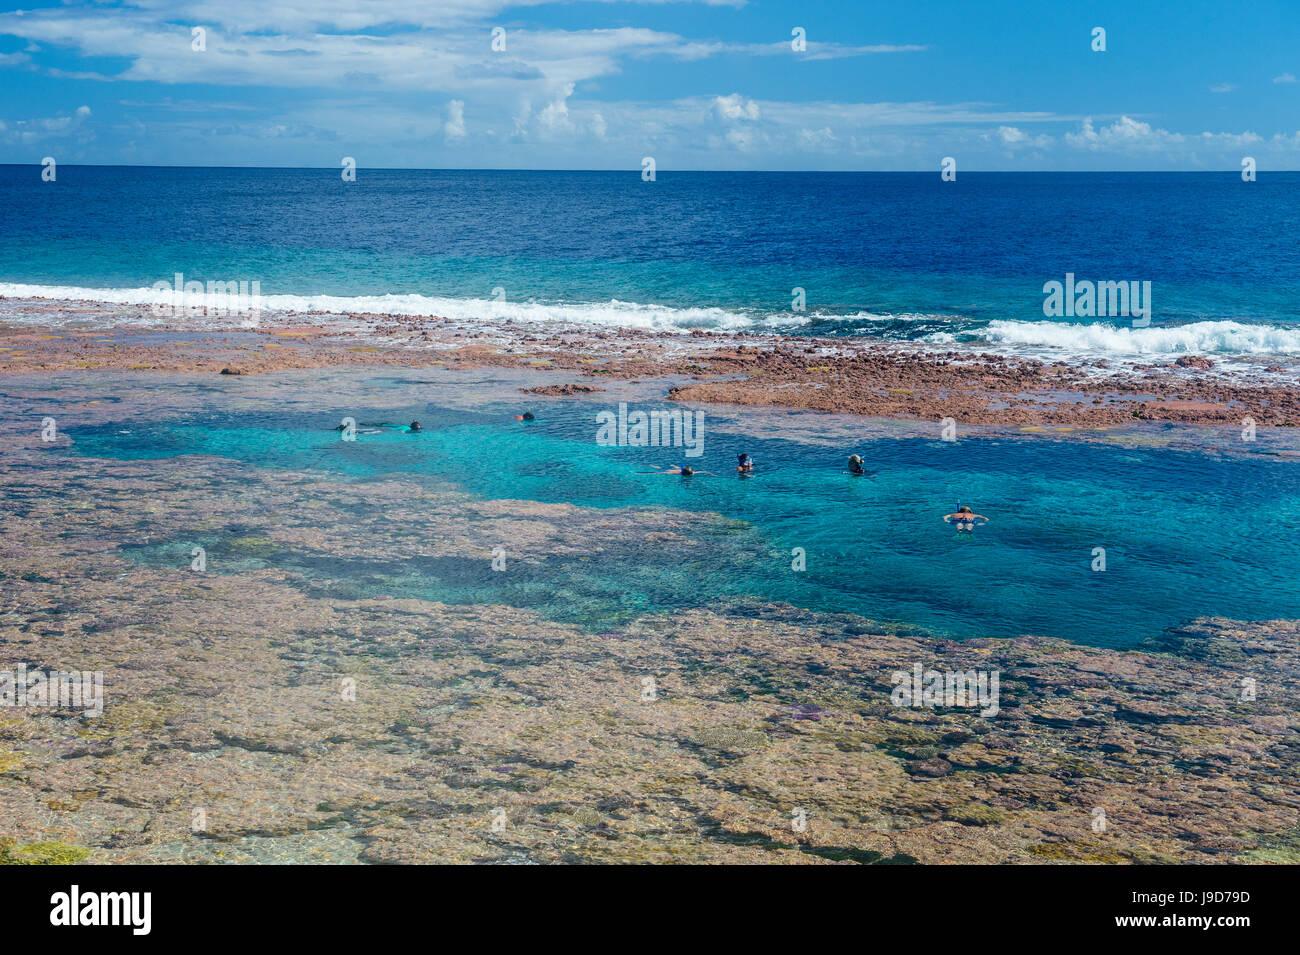 La natation de personnes au sein de l'incroyable Limu basse marée piscines, Niue, Pacifique, Pacifique Photo Stock